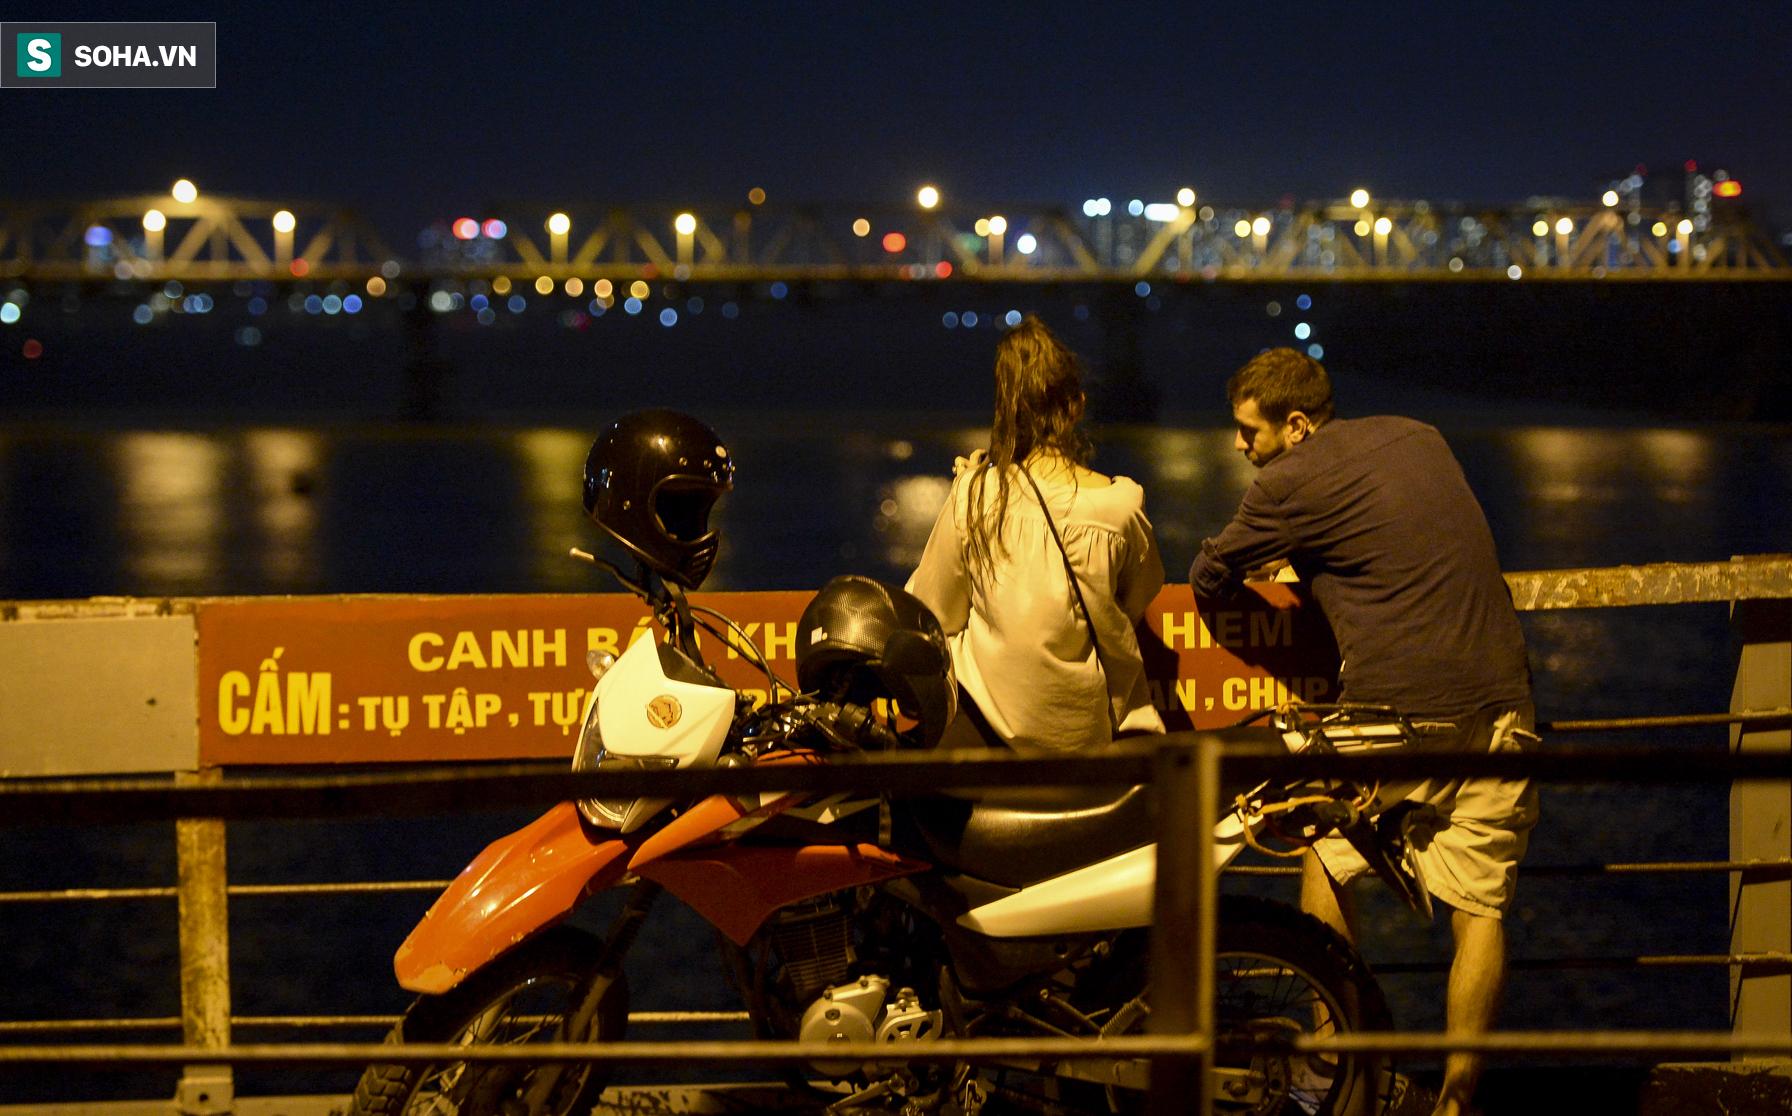 Hà Nội: Nam thanh nữ tú thản nhiên lên cầu Long Biên tâm sự, chụp ảnh, hóng mát bất chấp giãn cách xã hội - Ảnh 8.